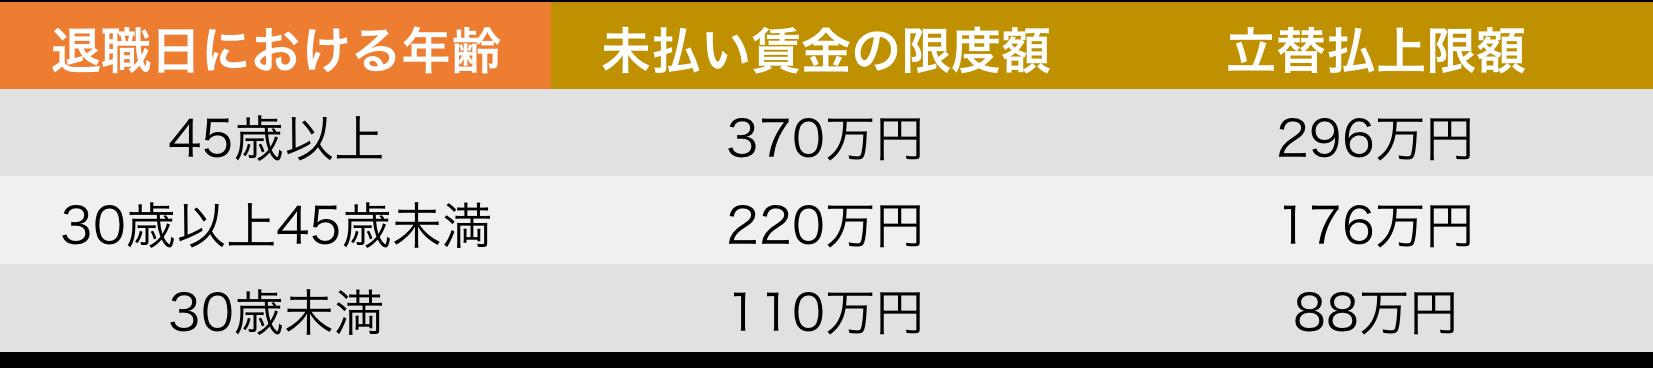 1 - 社会保険労務士事務所オフィスアールワン | 東京都千代田区